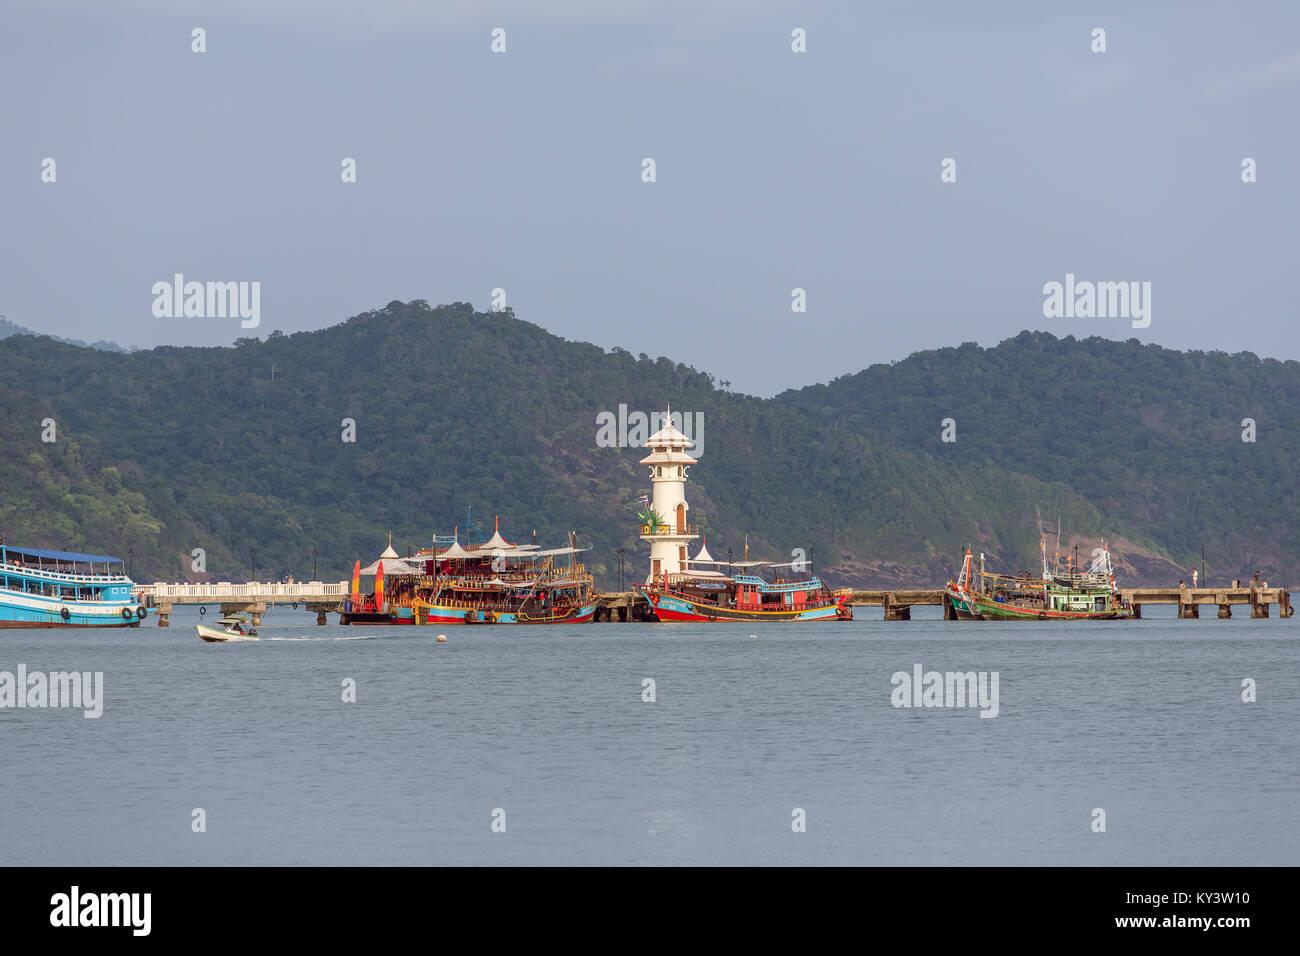 Phare sur une jetée sur l'île de Koh Chang en Thaïlande Photo Stock